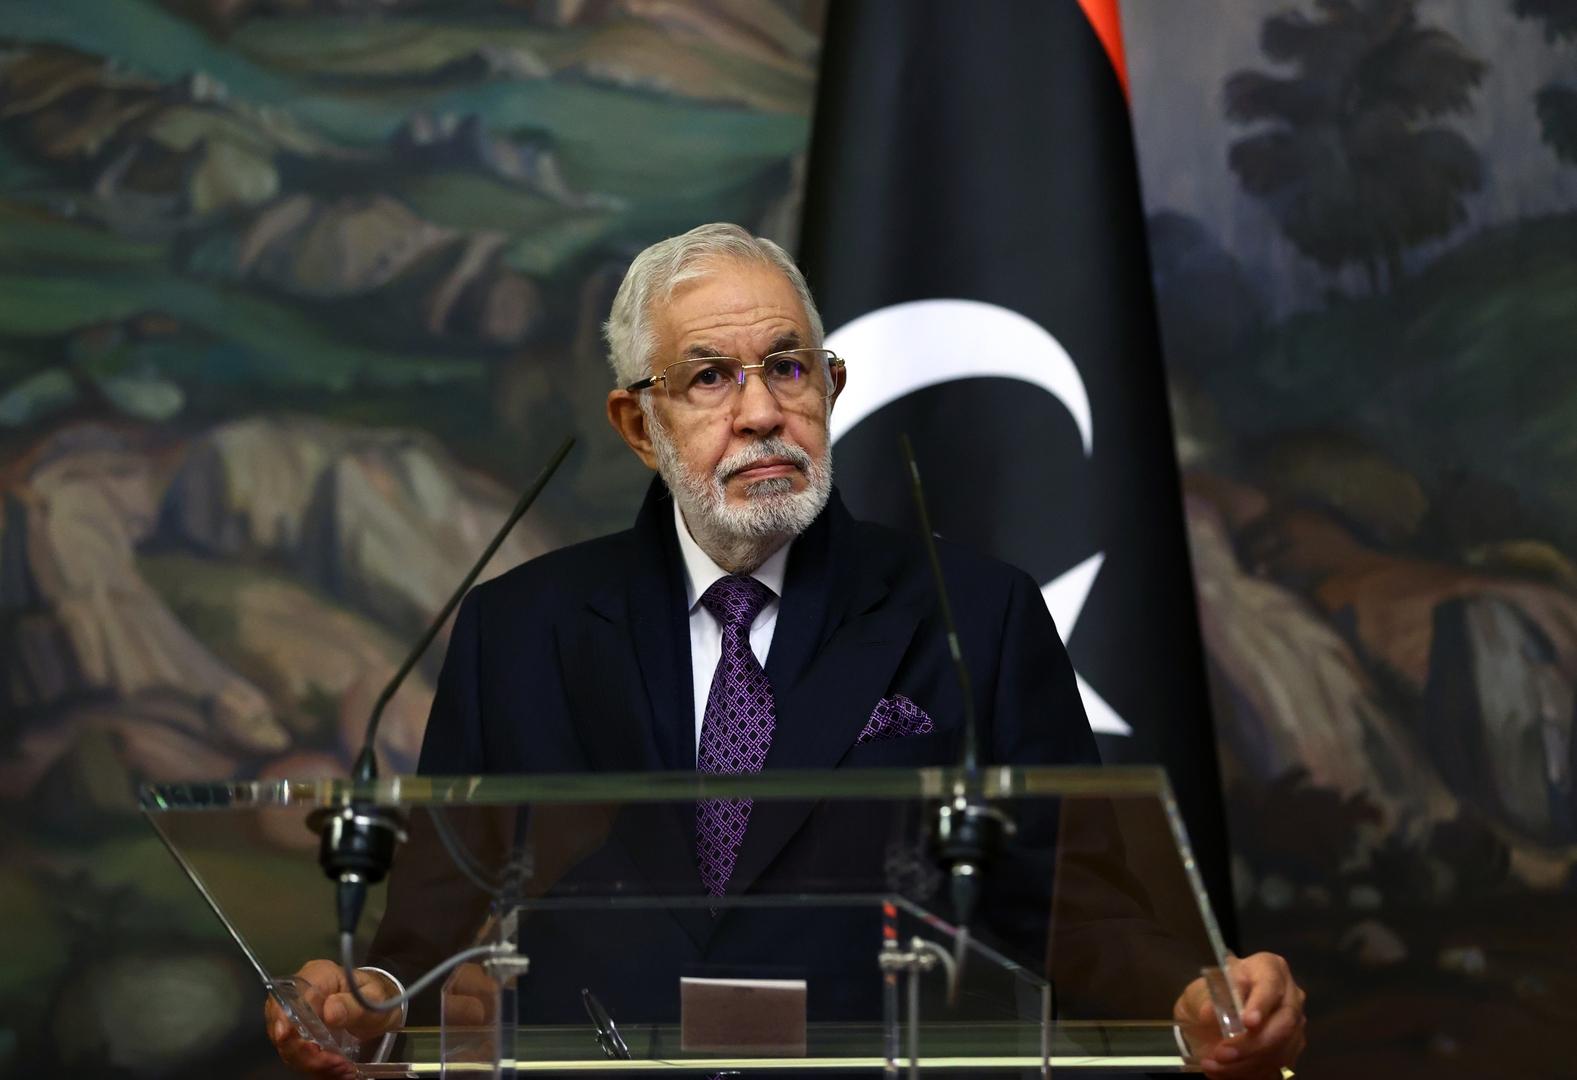 وزير الخارجية في الوفاق الليبية: زيارة الوفد المصري إلى طرابلس كانت مهمة لكنها تأخرت كثيرا